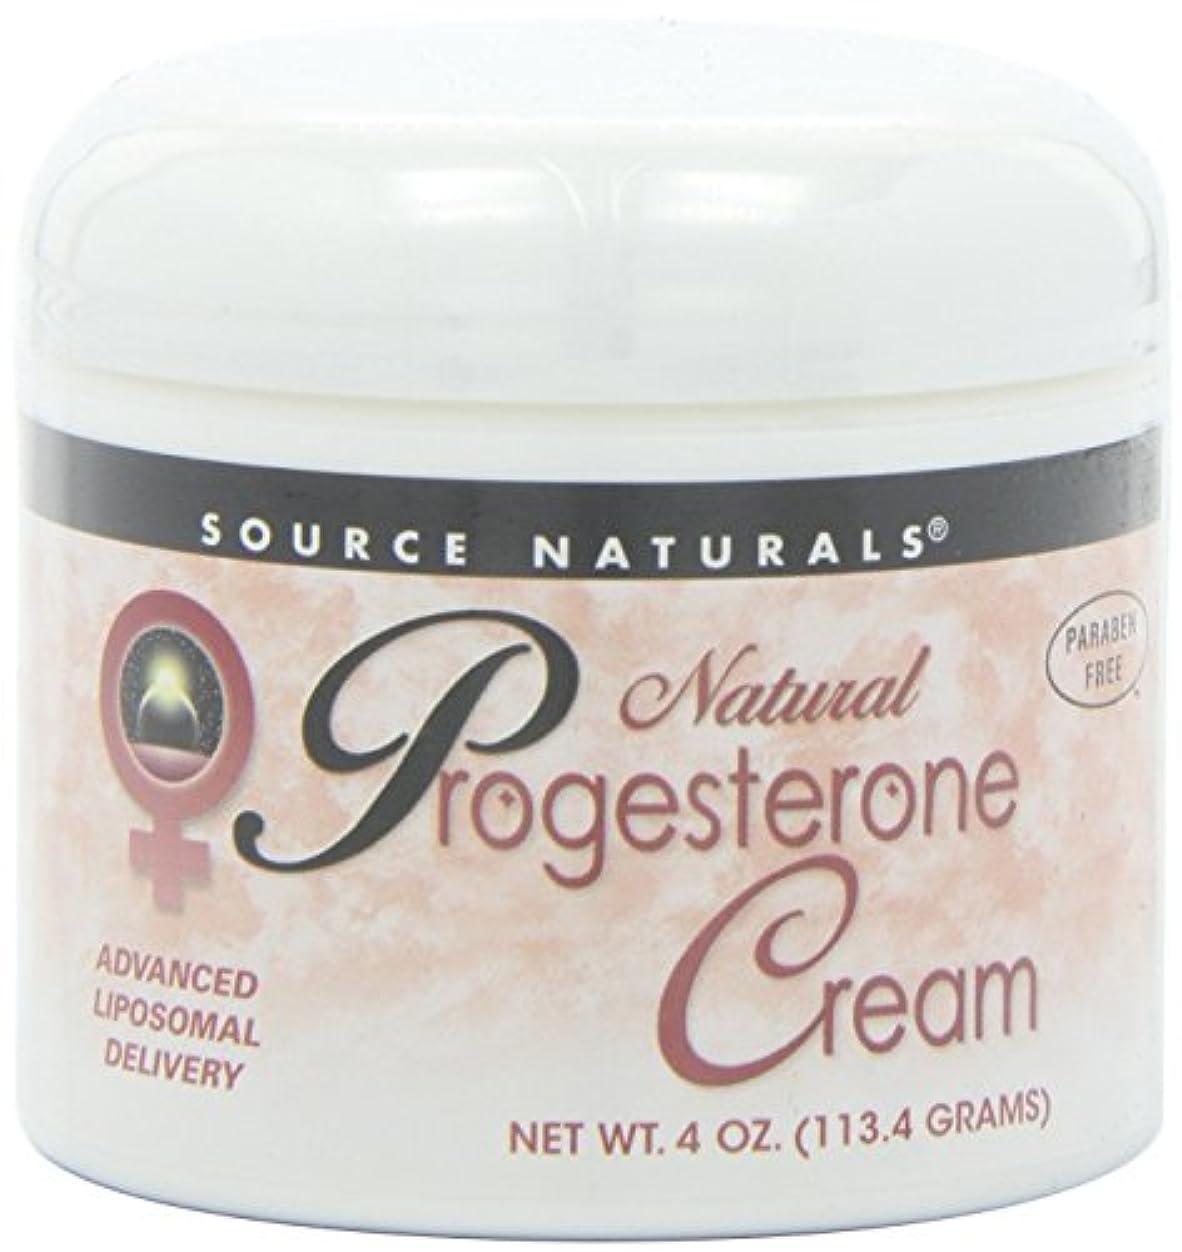 パン交差点ヒゲクジラSource Naturals Natural Progesterone Cream, 4 Ounce (113.4 g) クリーム 並行輸入品 [並行輸入品]